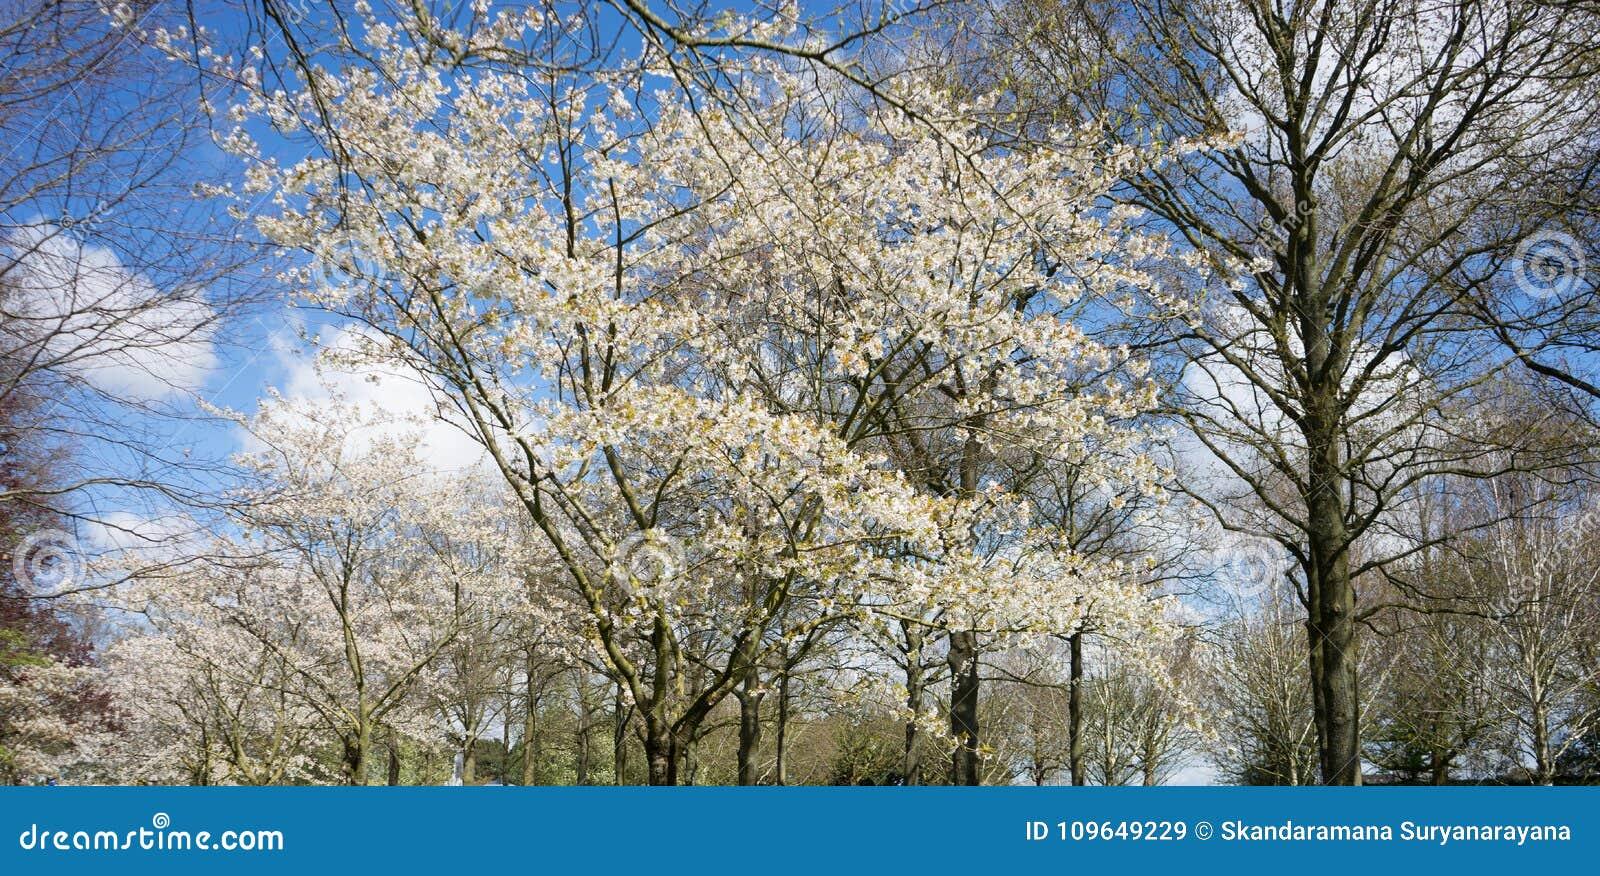 Vitt träd för körsbärsröd blomning mot en blå himmel i Lisse, Netherlan